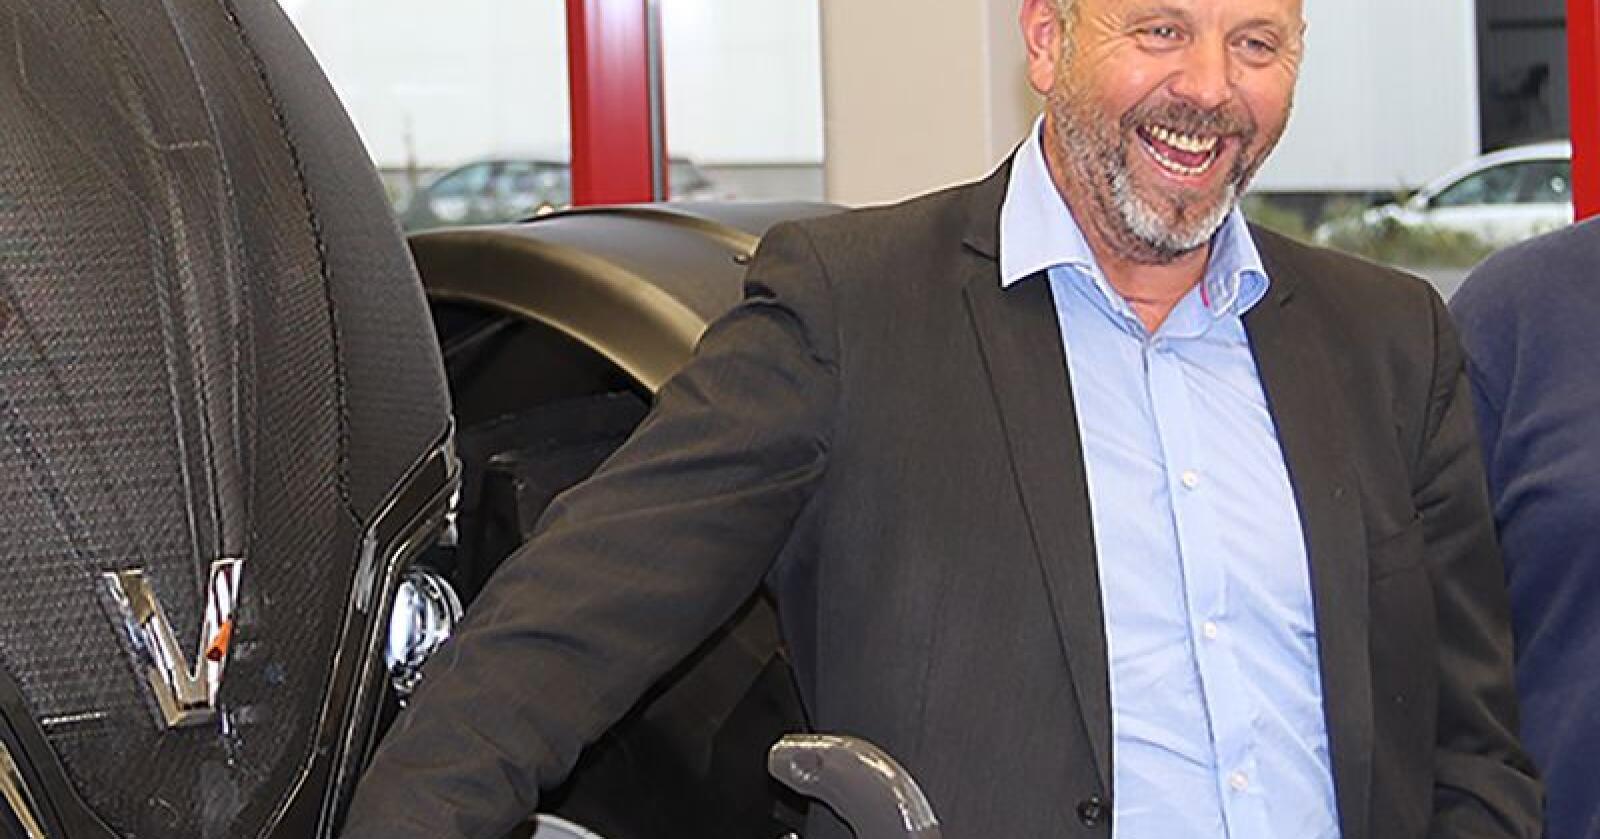 BRI Agri og Bjørn Rygg overtar importen og distribusjonen av Kuhn sine produkter til Norge. Arkivfoto